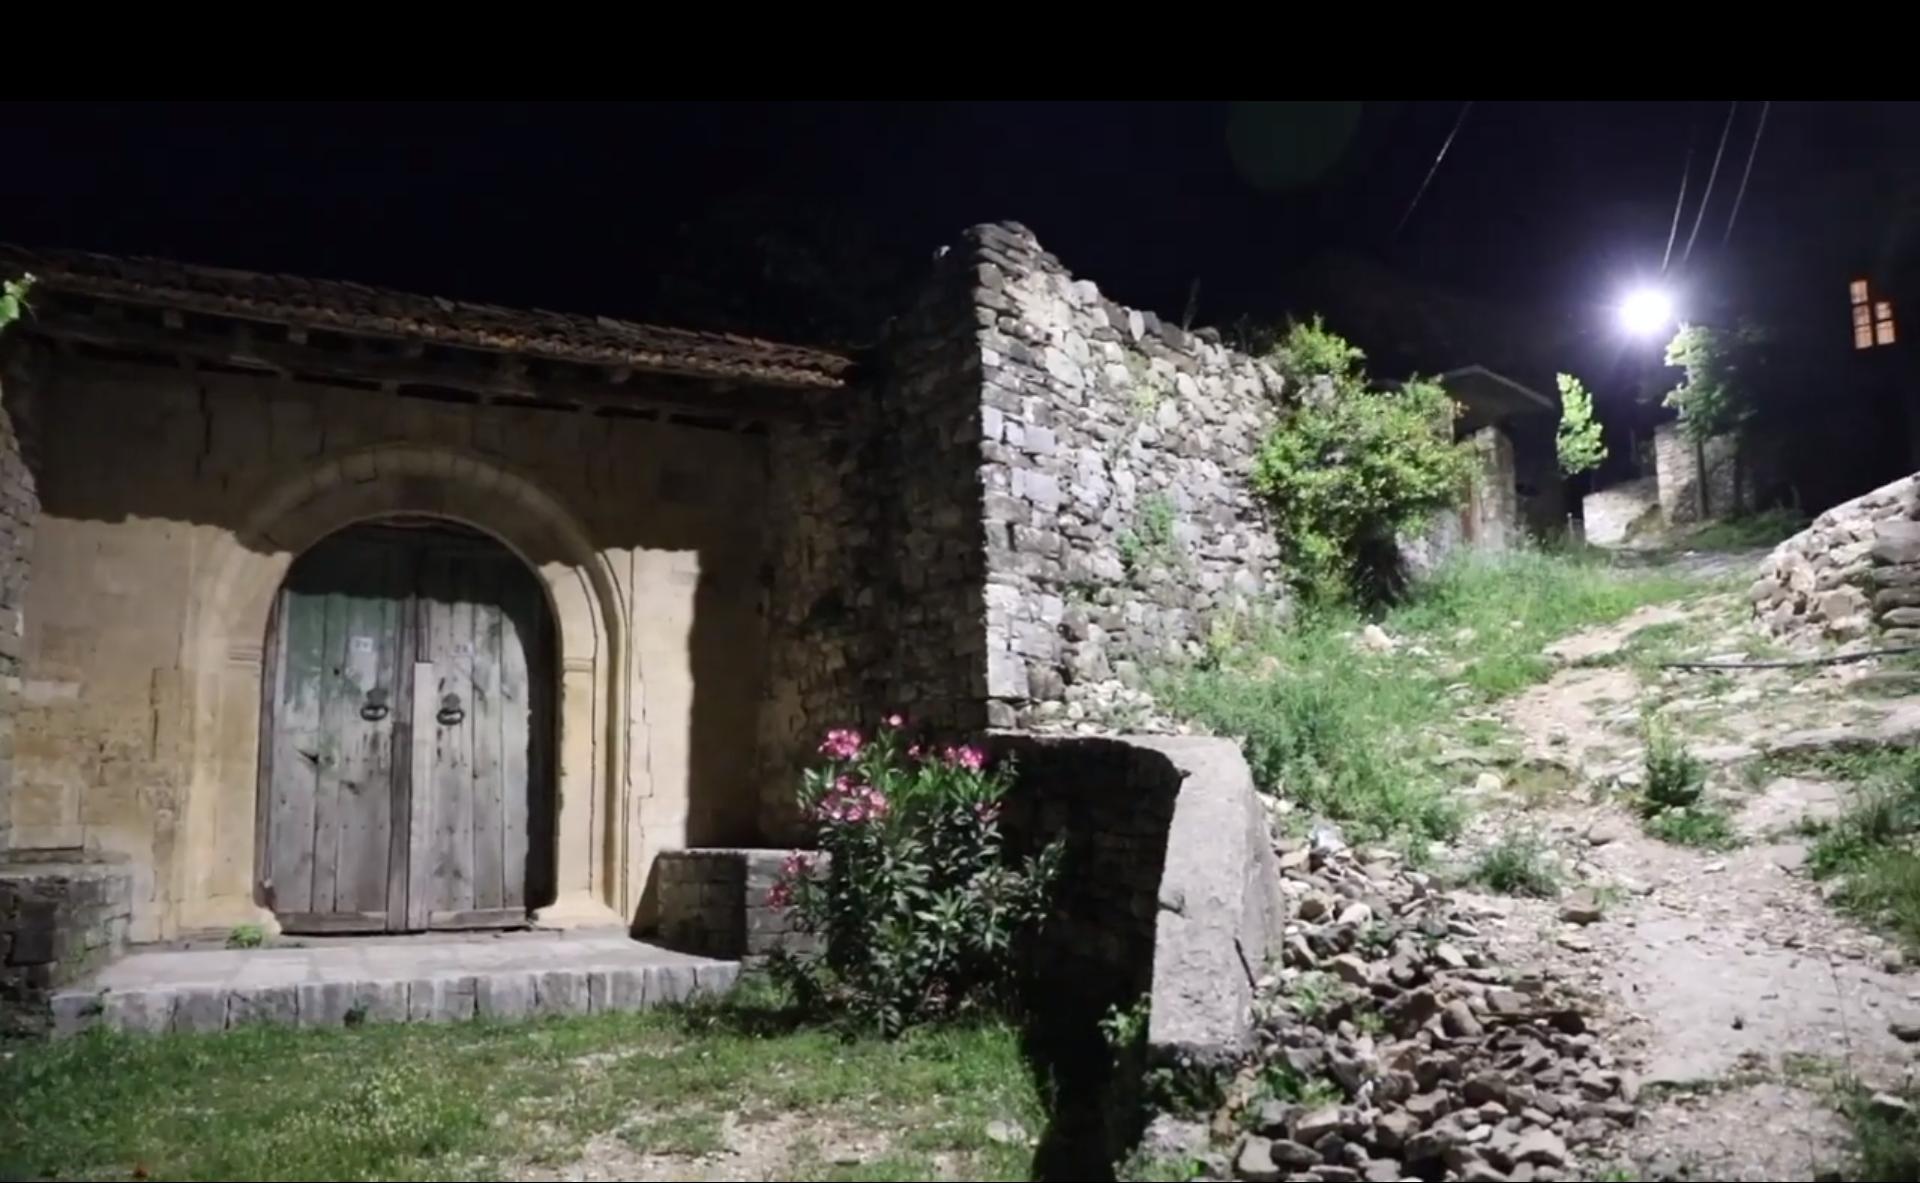 Fshati Dhoksat i Gjirokastrës Model i Transformimit të Turizmit/ Dhoksat Village of Gjirokastra, a Model of Transformation